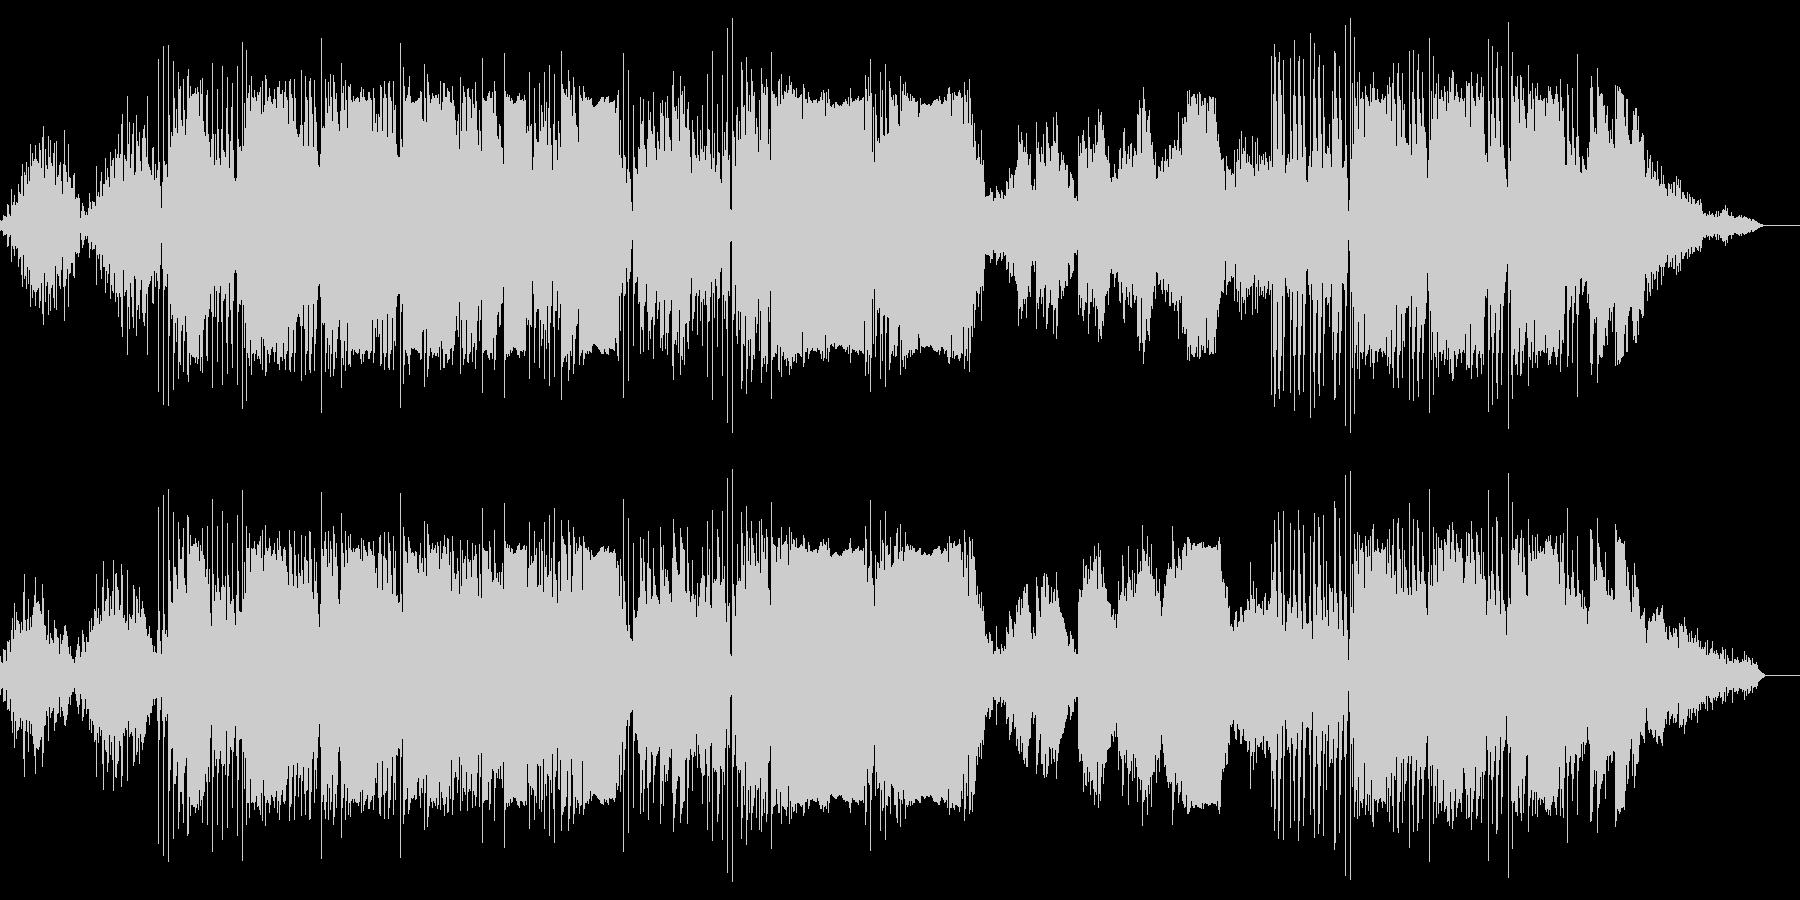 ピアノとエレクトリックの怪しい音世界の未再生の波形